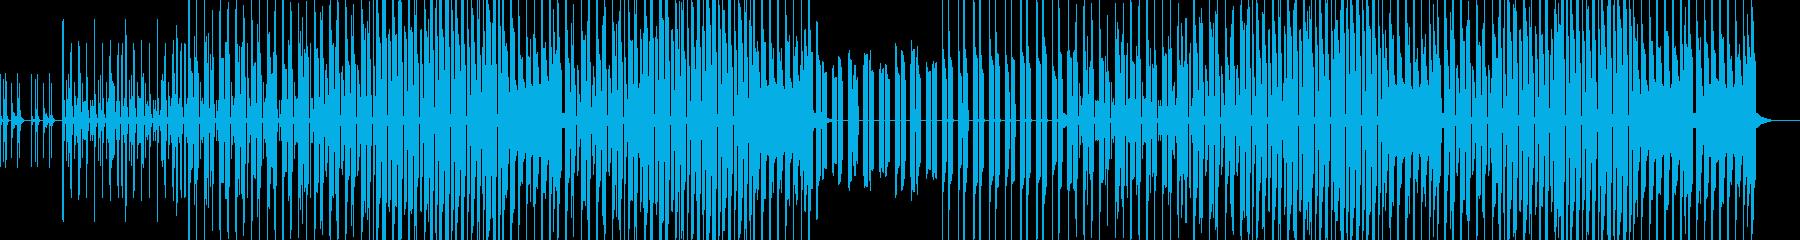 おちゃらけた雰囲気のシンプルなグルーヴの再生済みの波形